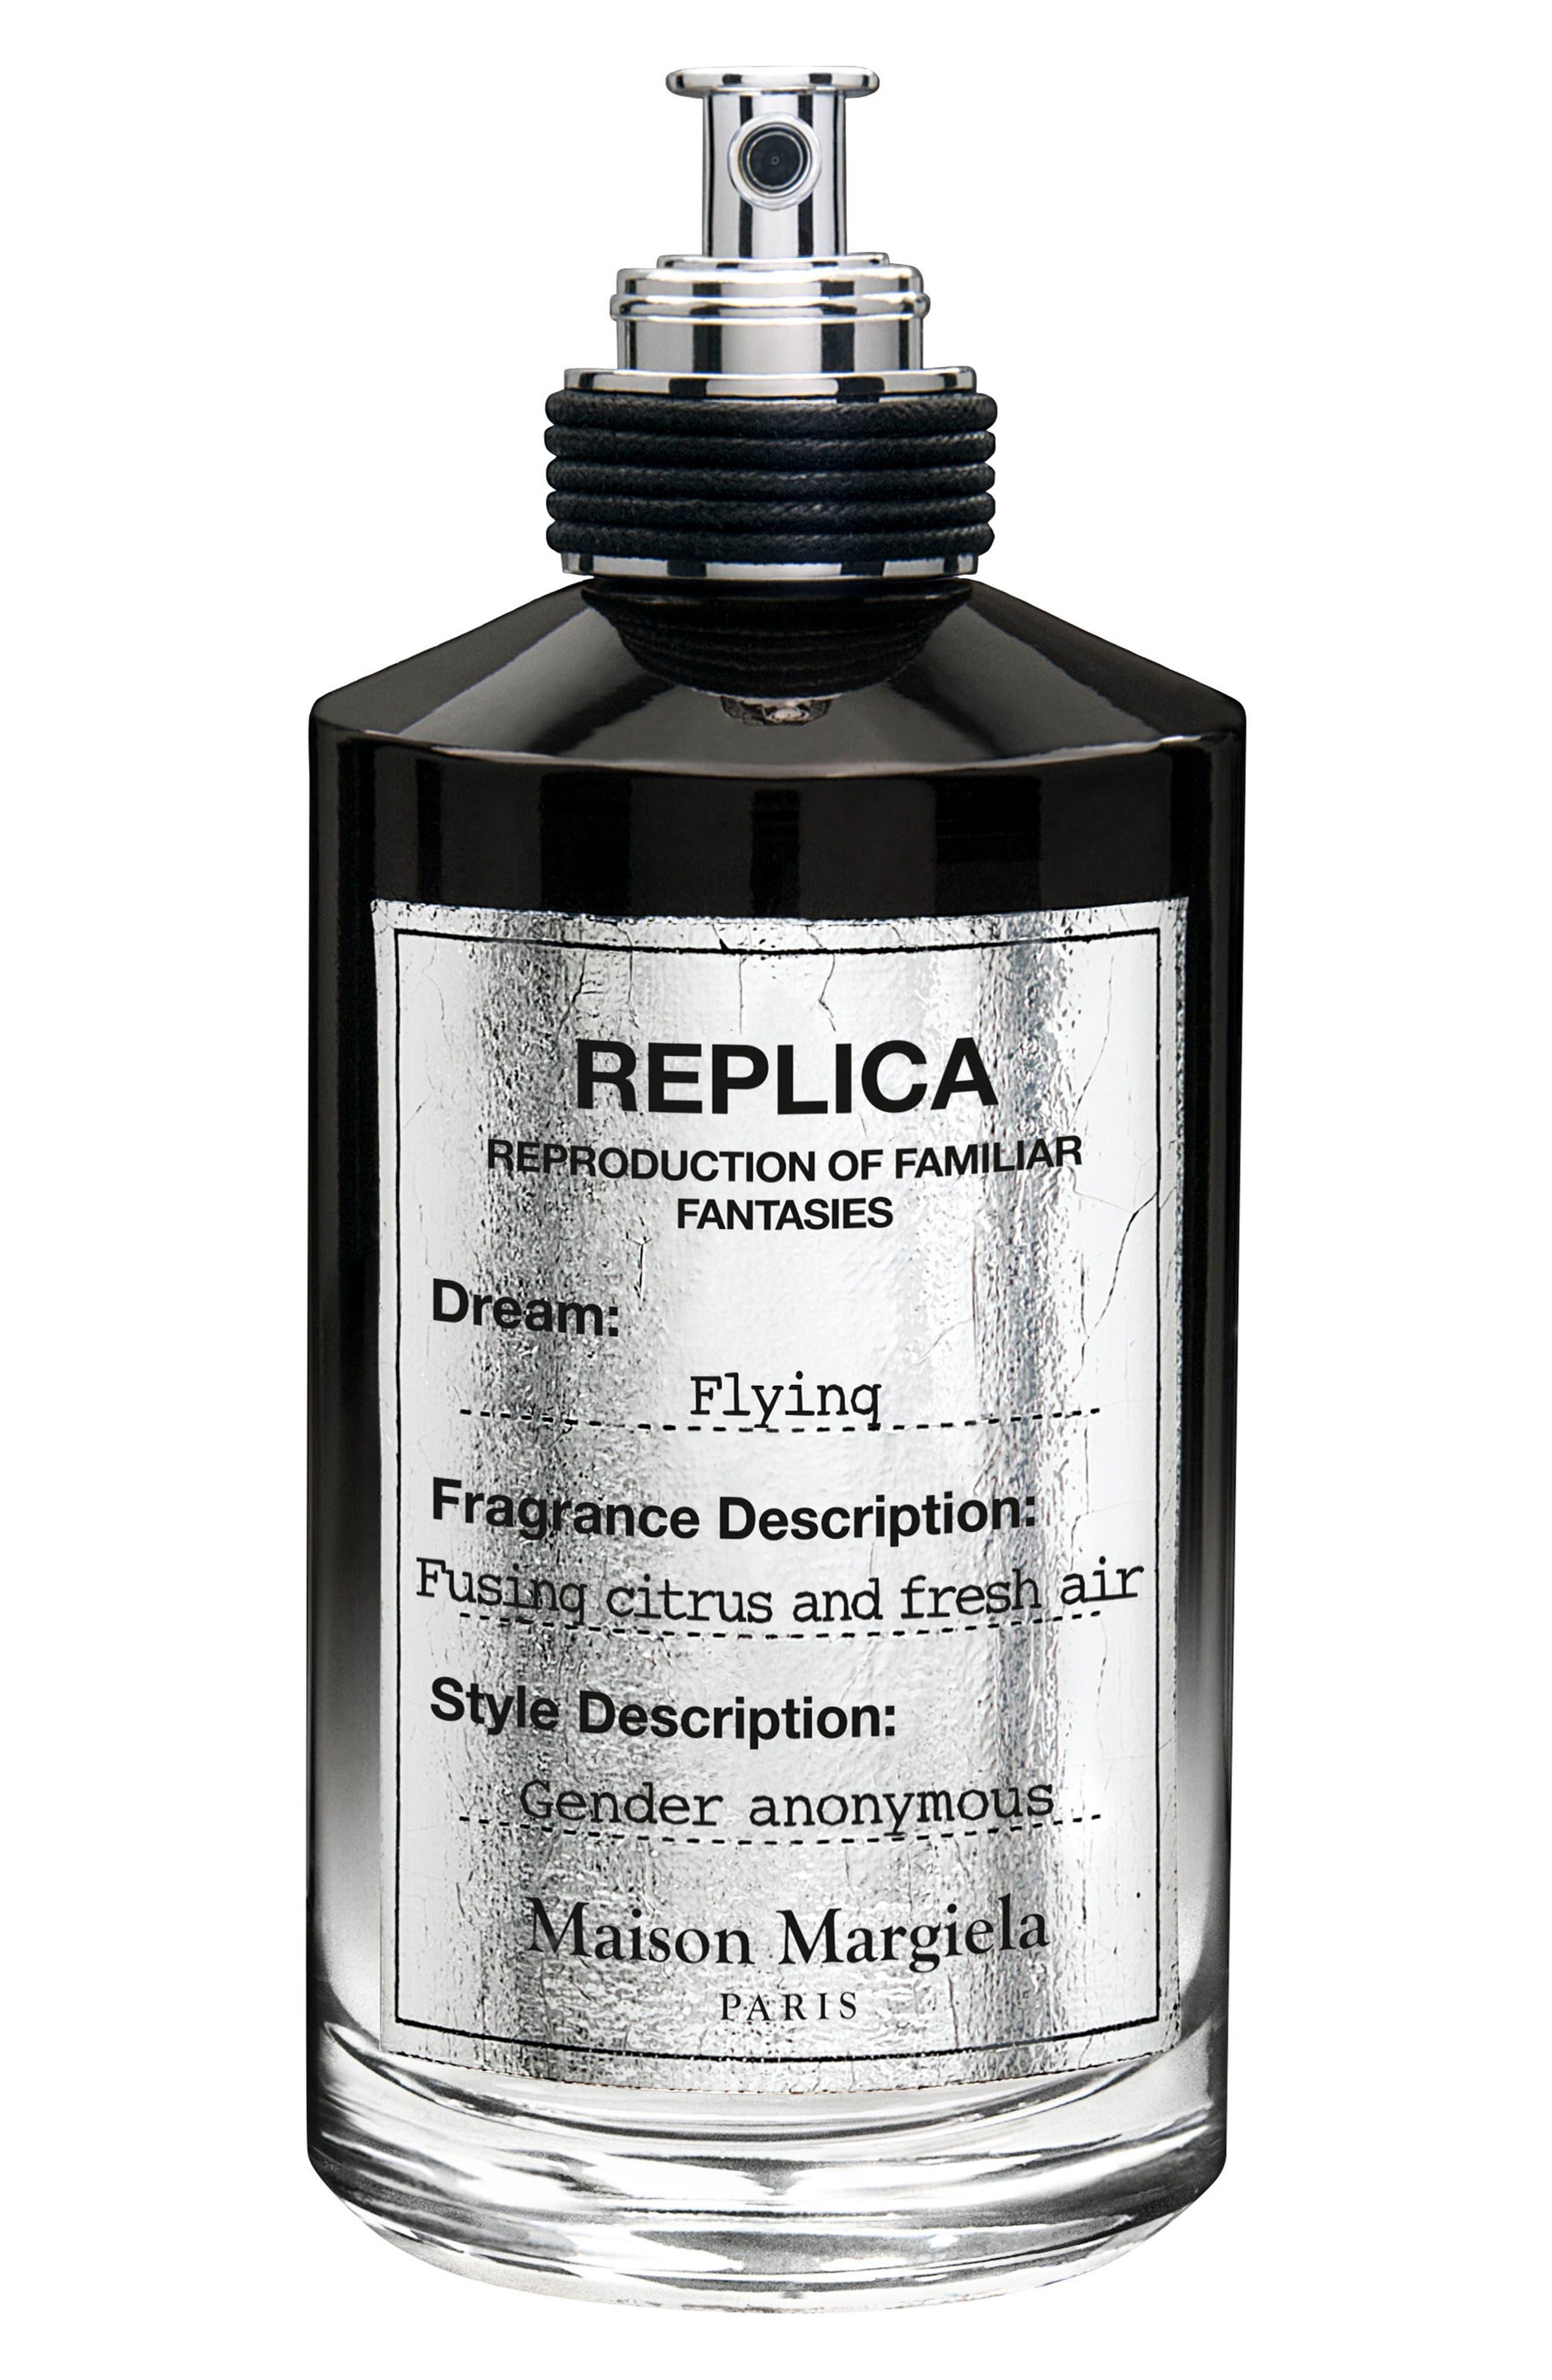 MAISON MARGIELA, Replica Flying Eau de Parfum, Main thumbnail 1, color, NO COLOR